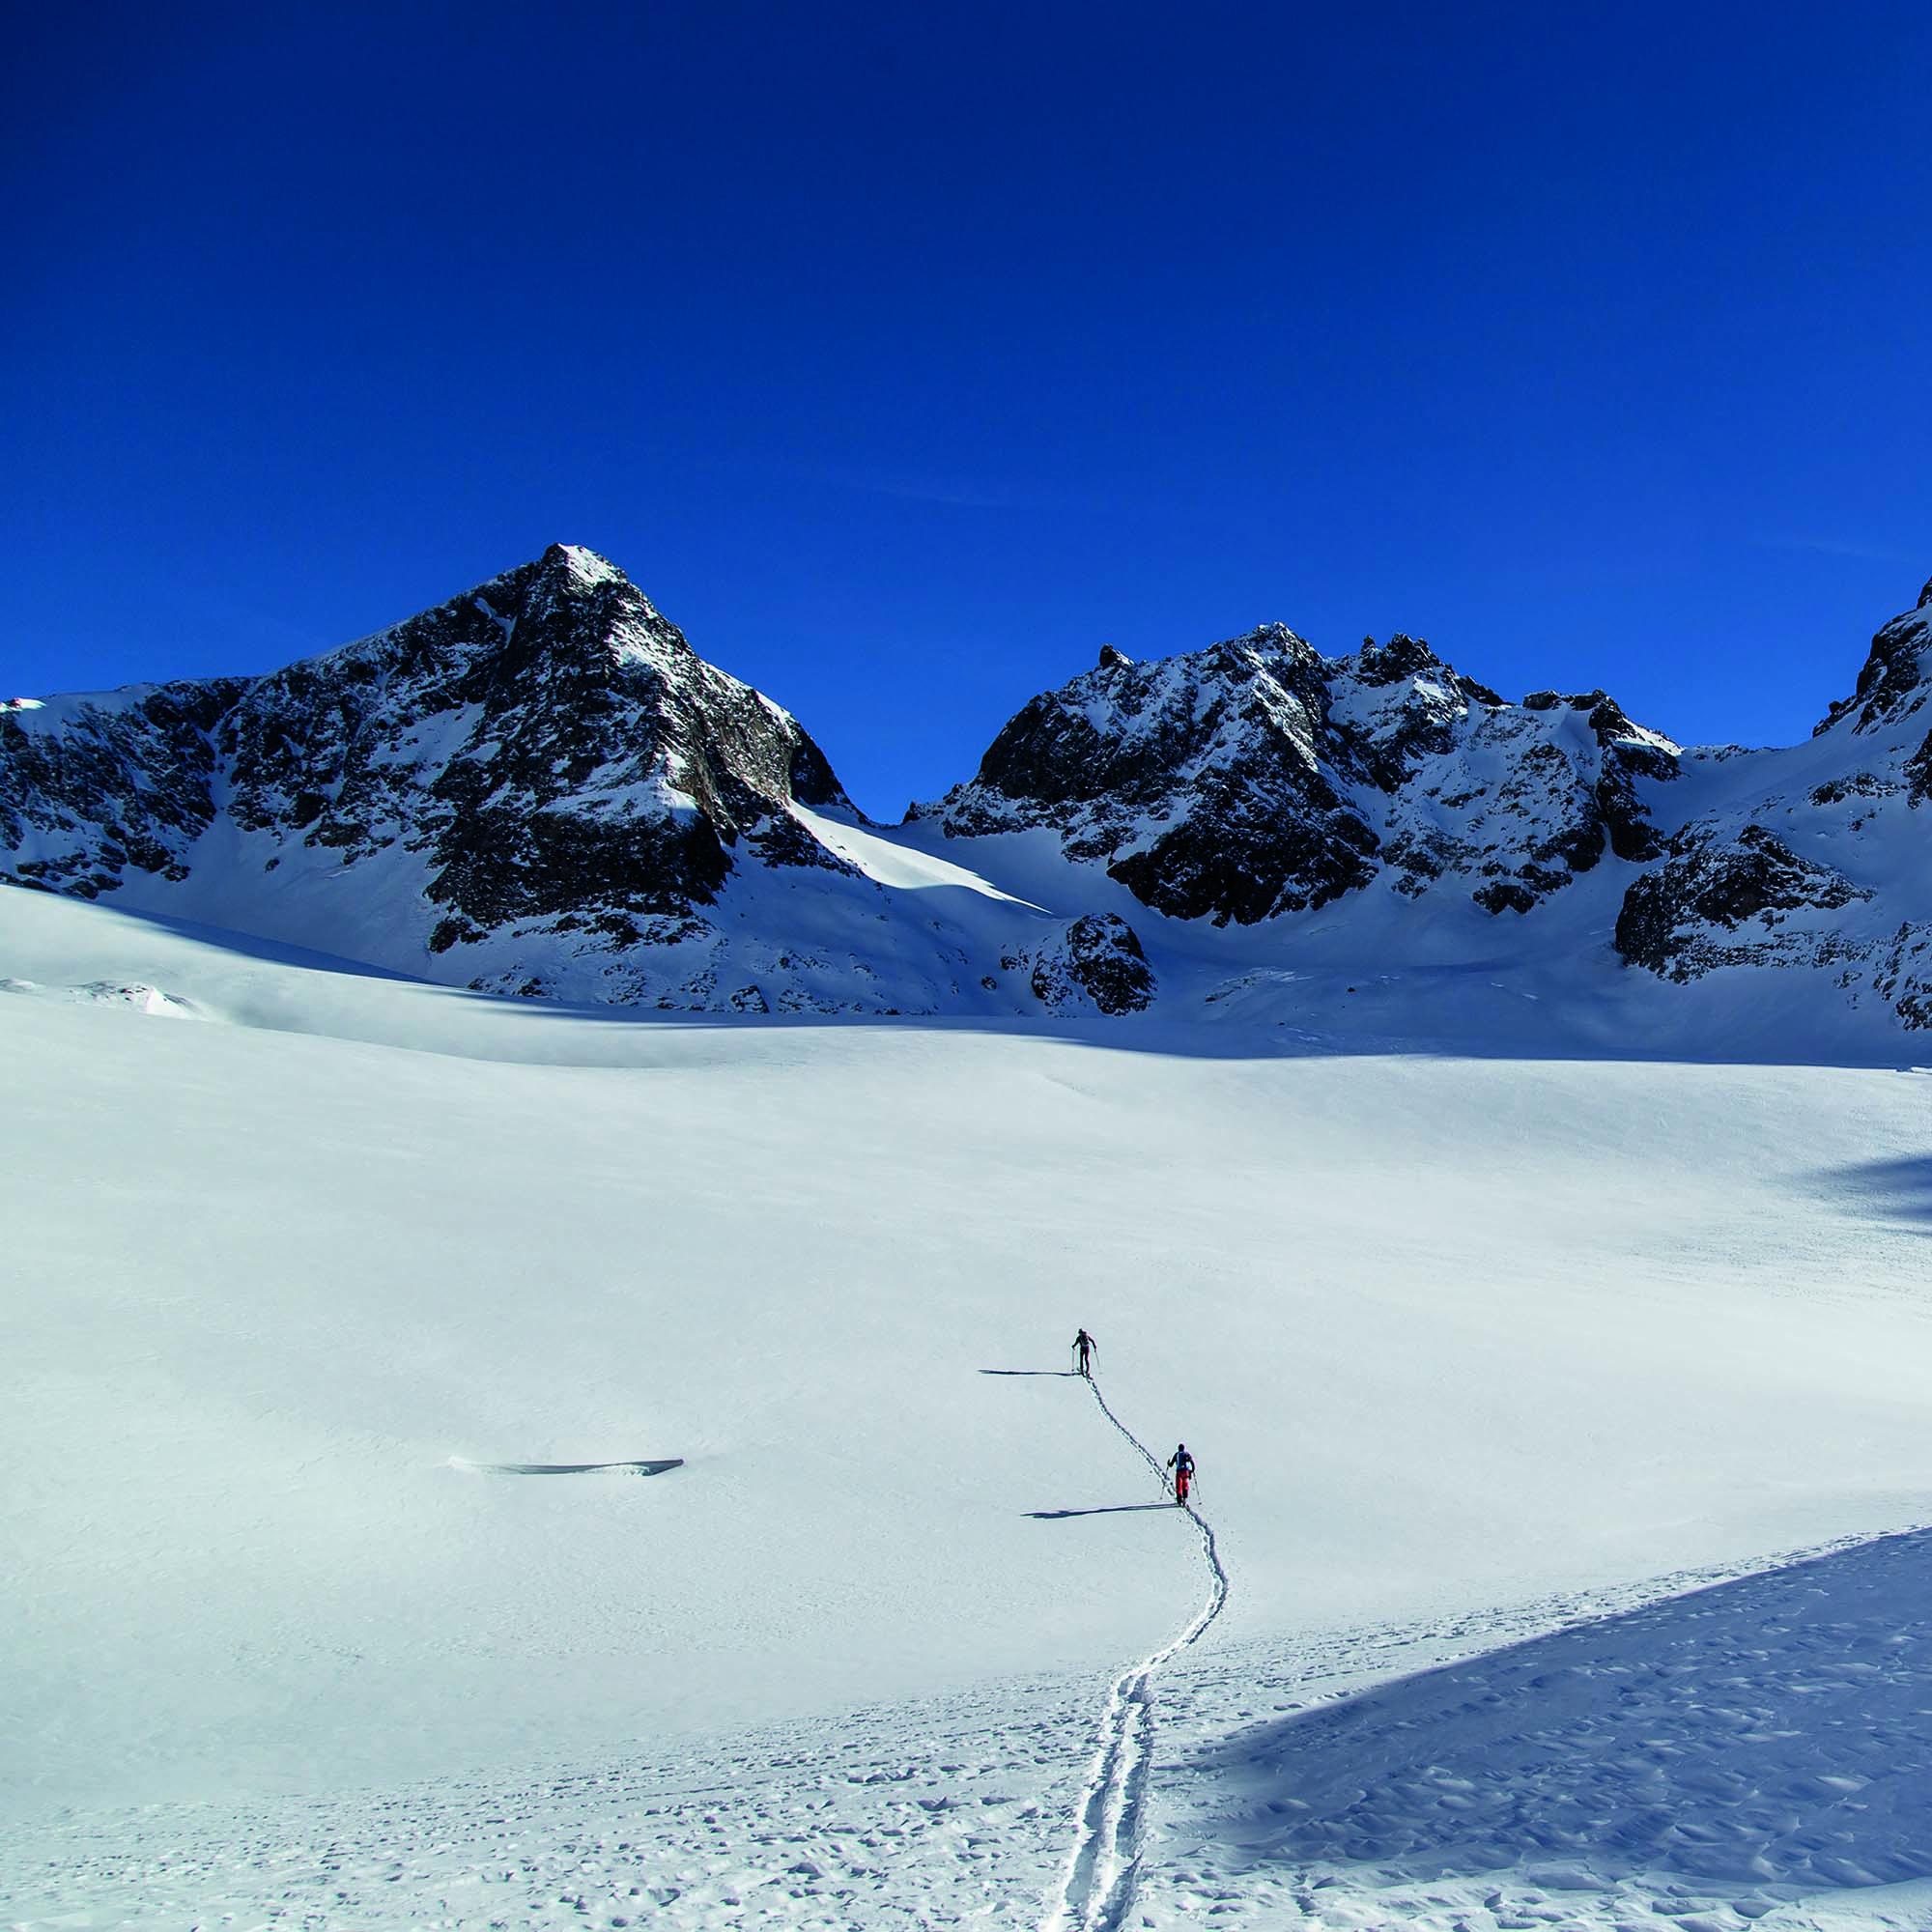 Skitour Titlisrundtour